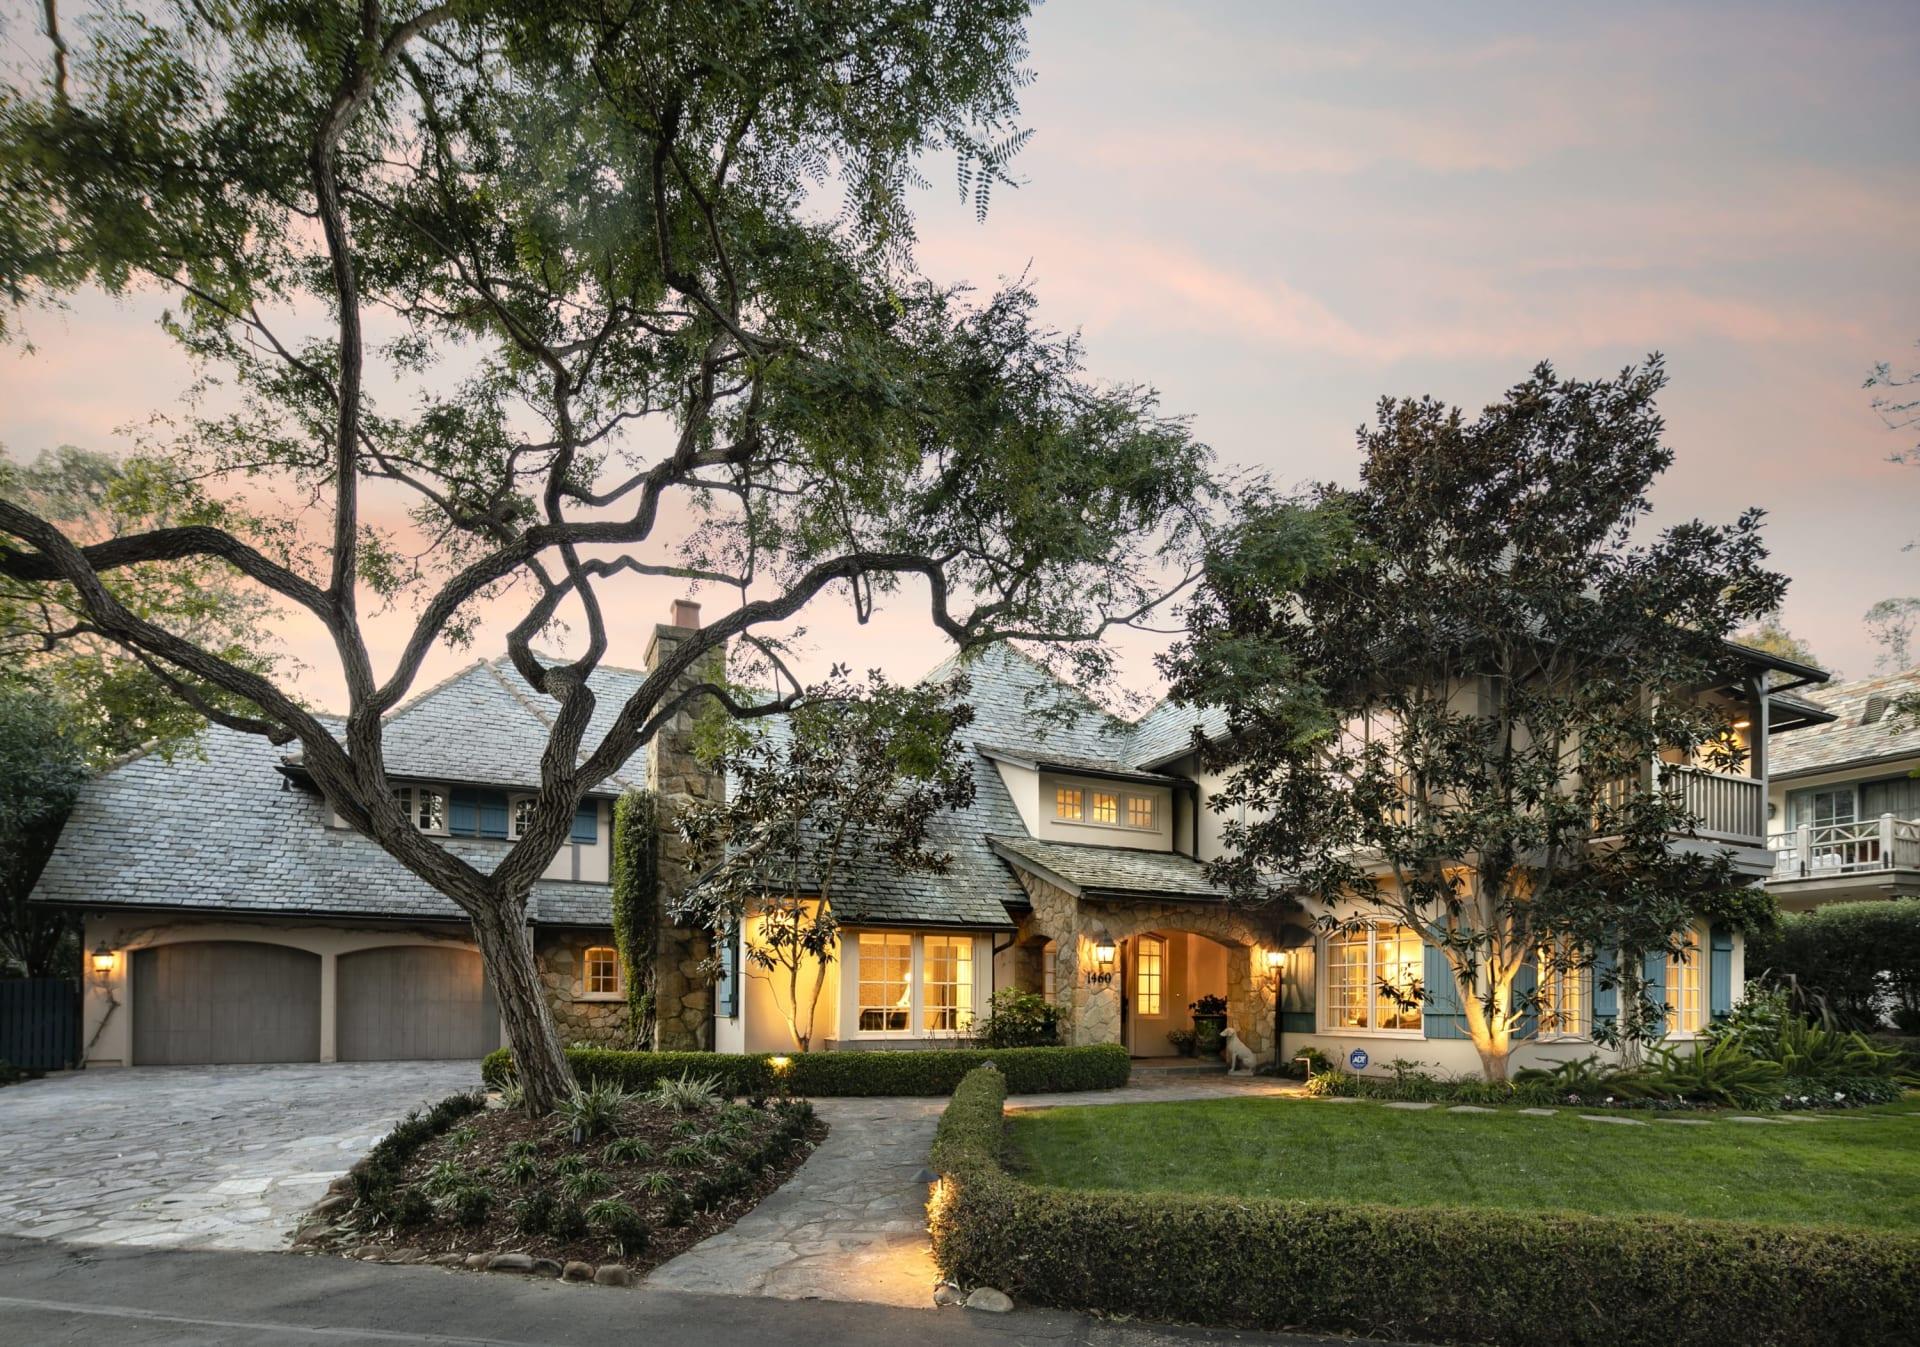 New Shift Favors Santa Barbara Home Sellers